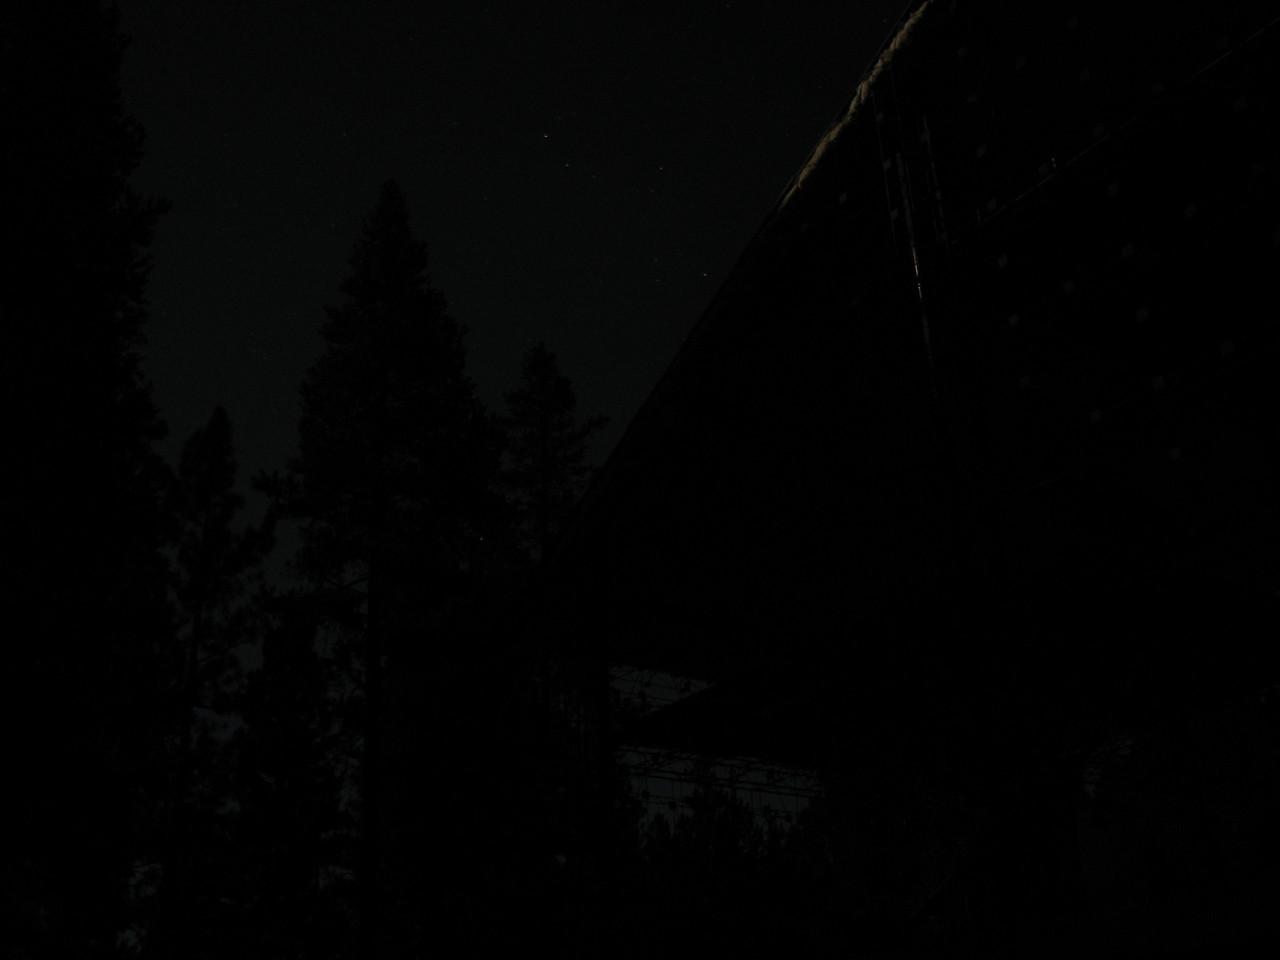 Lances_Roof-114